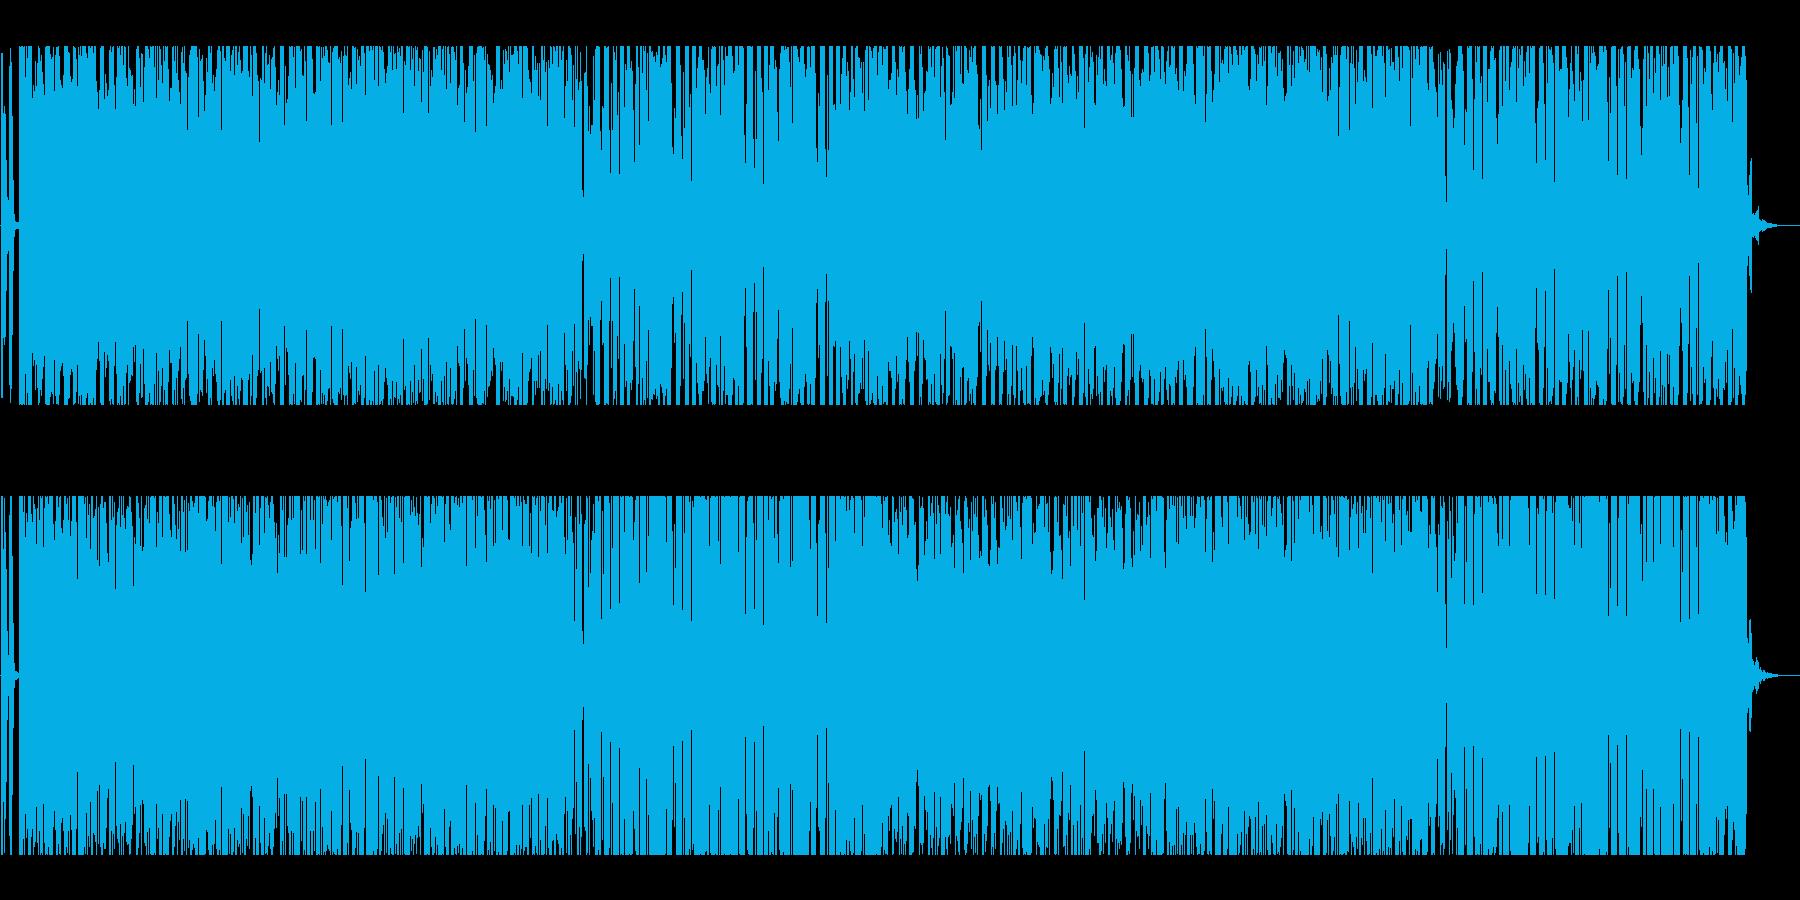 夜景にワクワクするようなおしゃれBGMの再生済みの波形